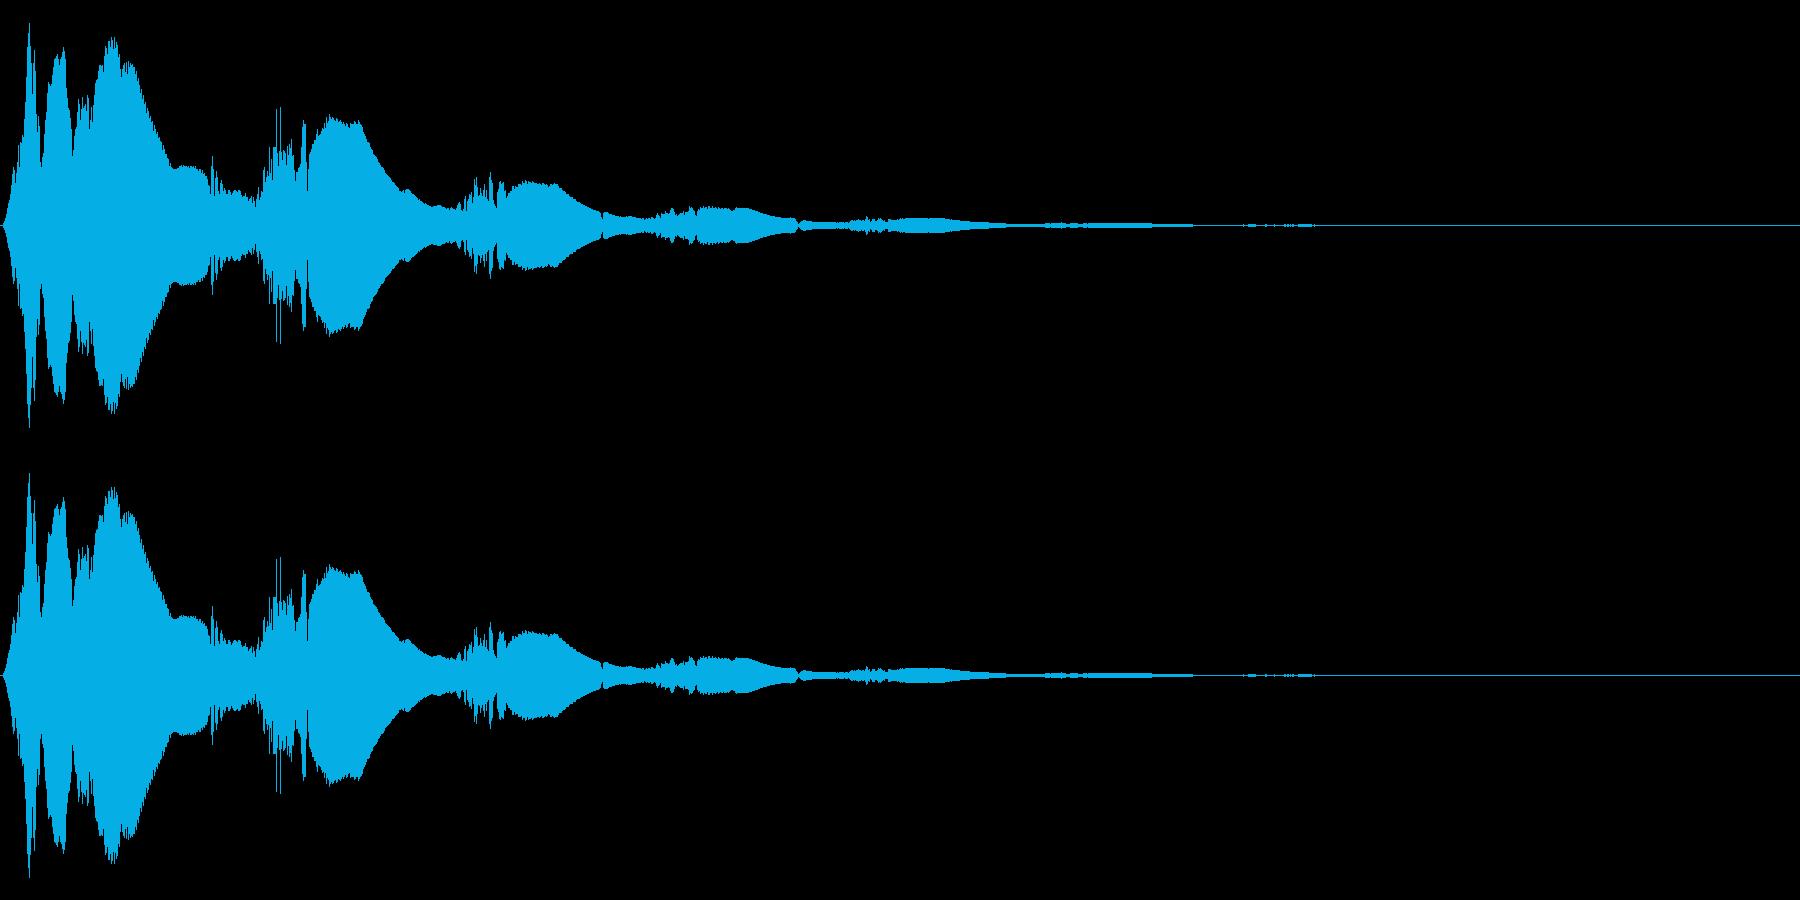 ボタン押下や決定音_キュピリリン!の再生済みの波形